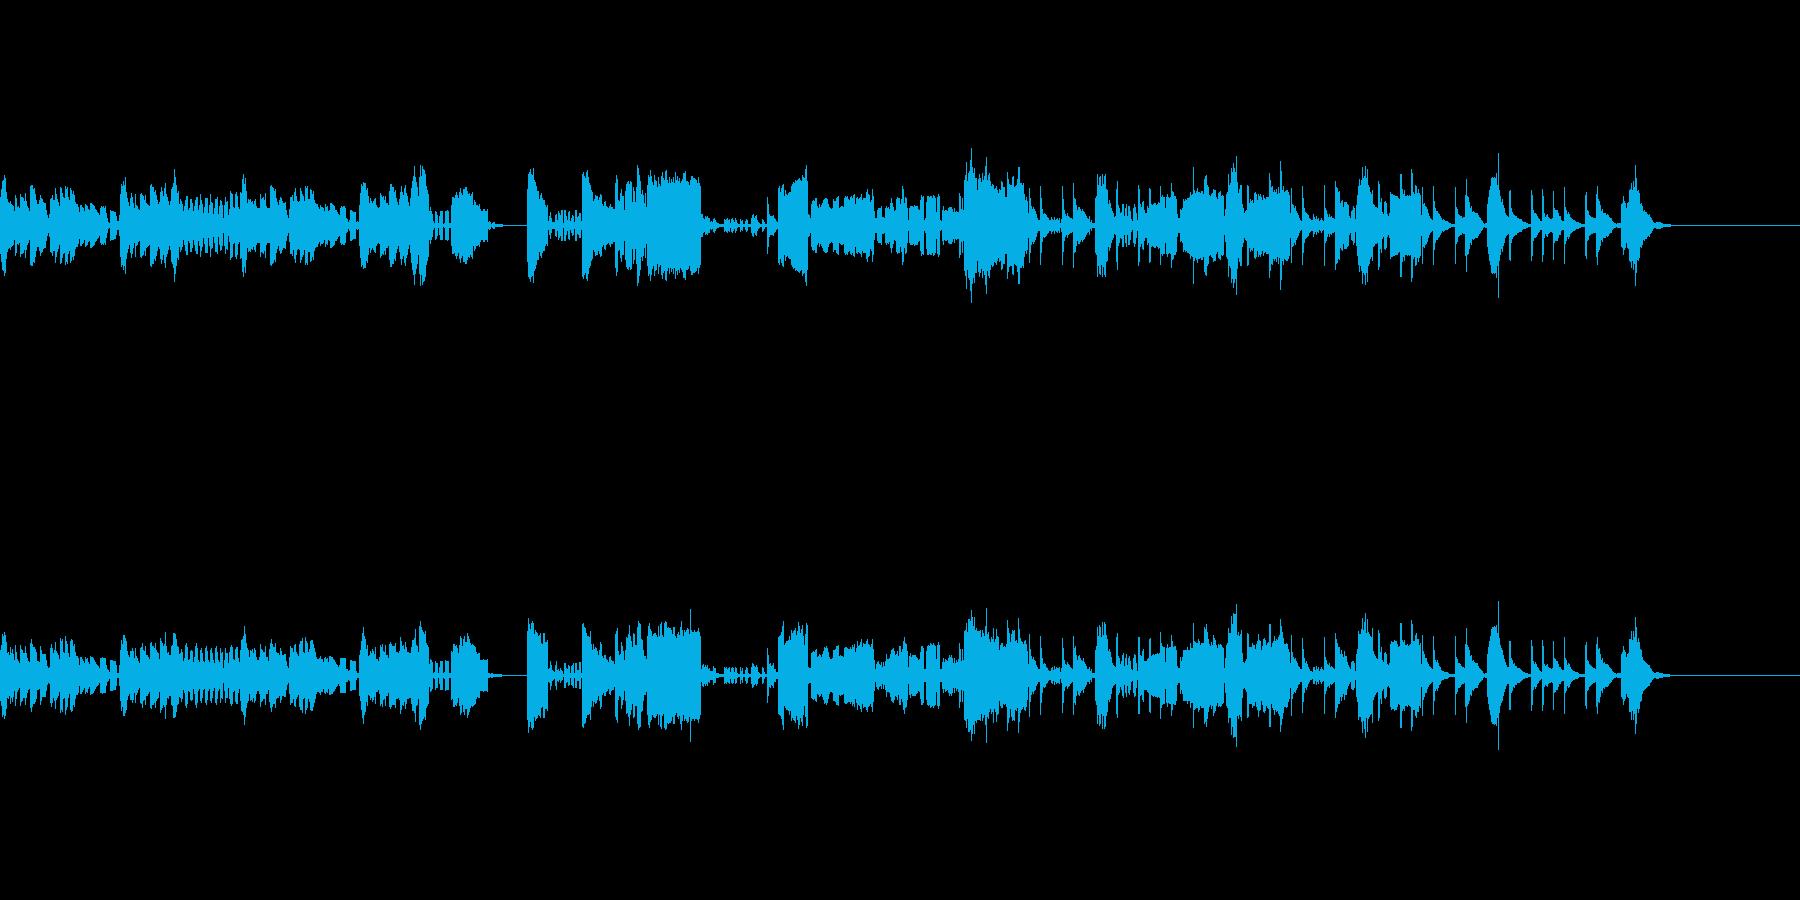 オーボエ・ファゴットが中心のアンサンブルの再生済みの波形